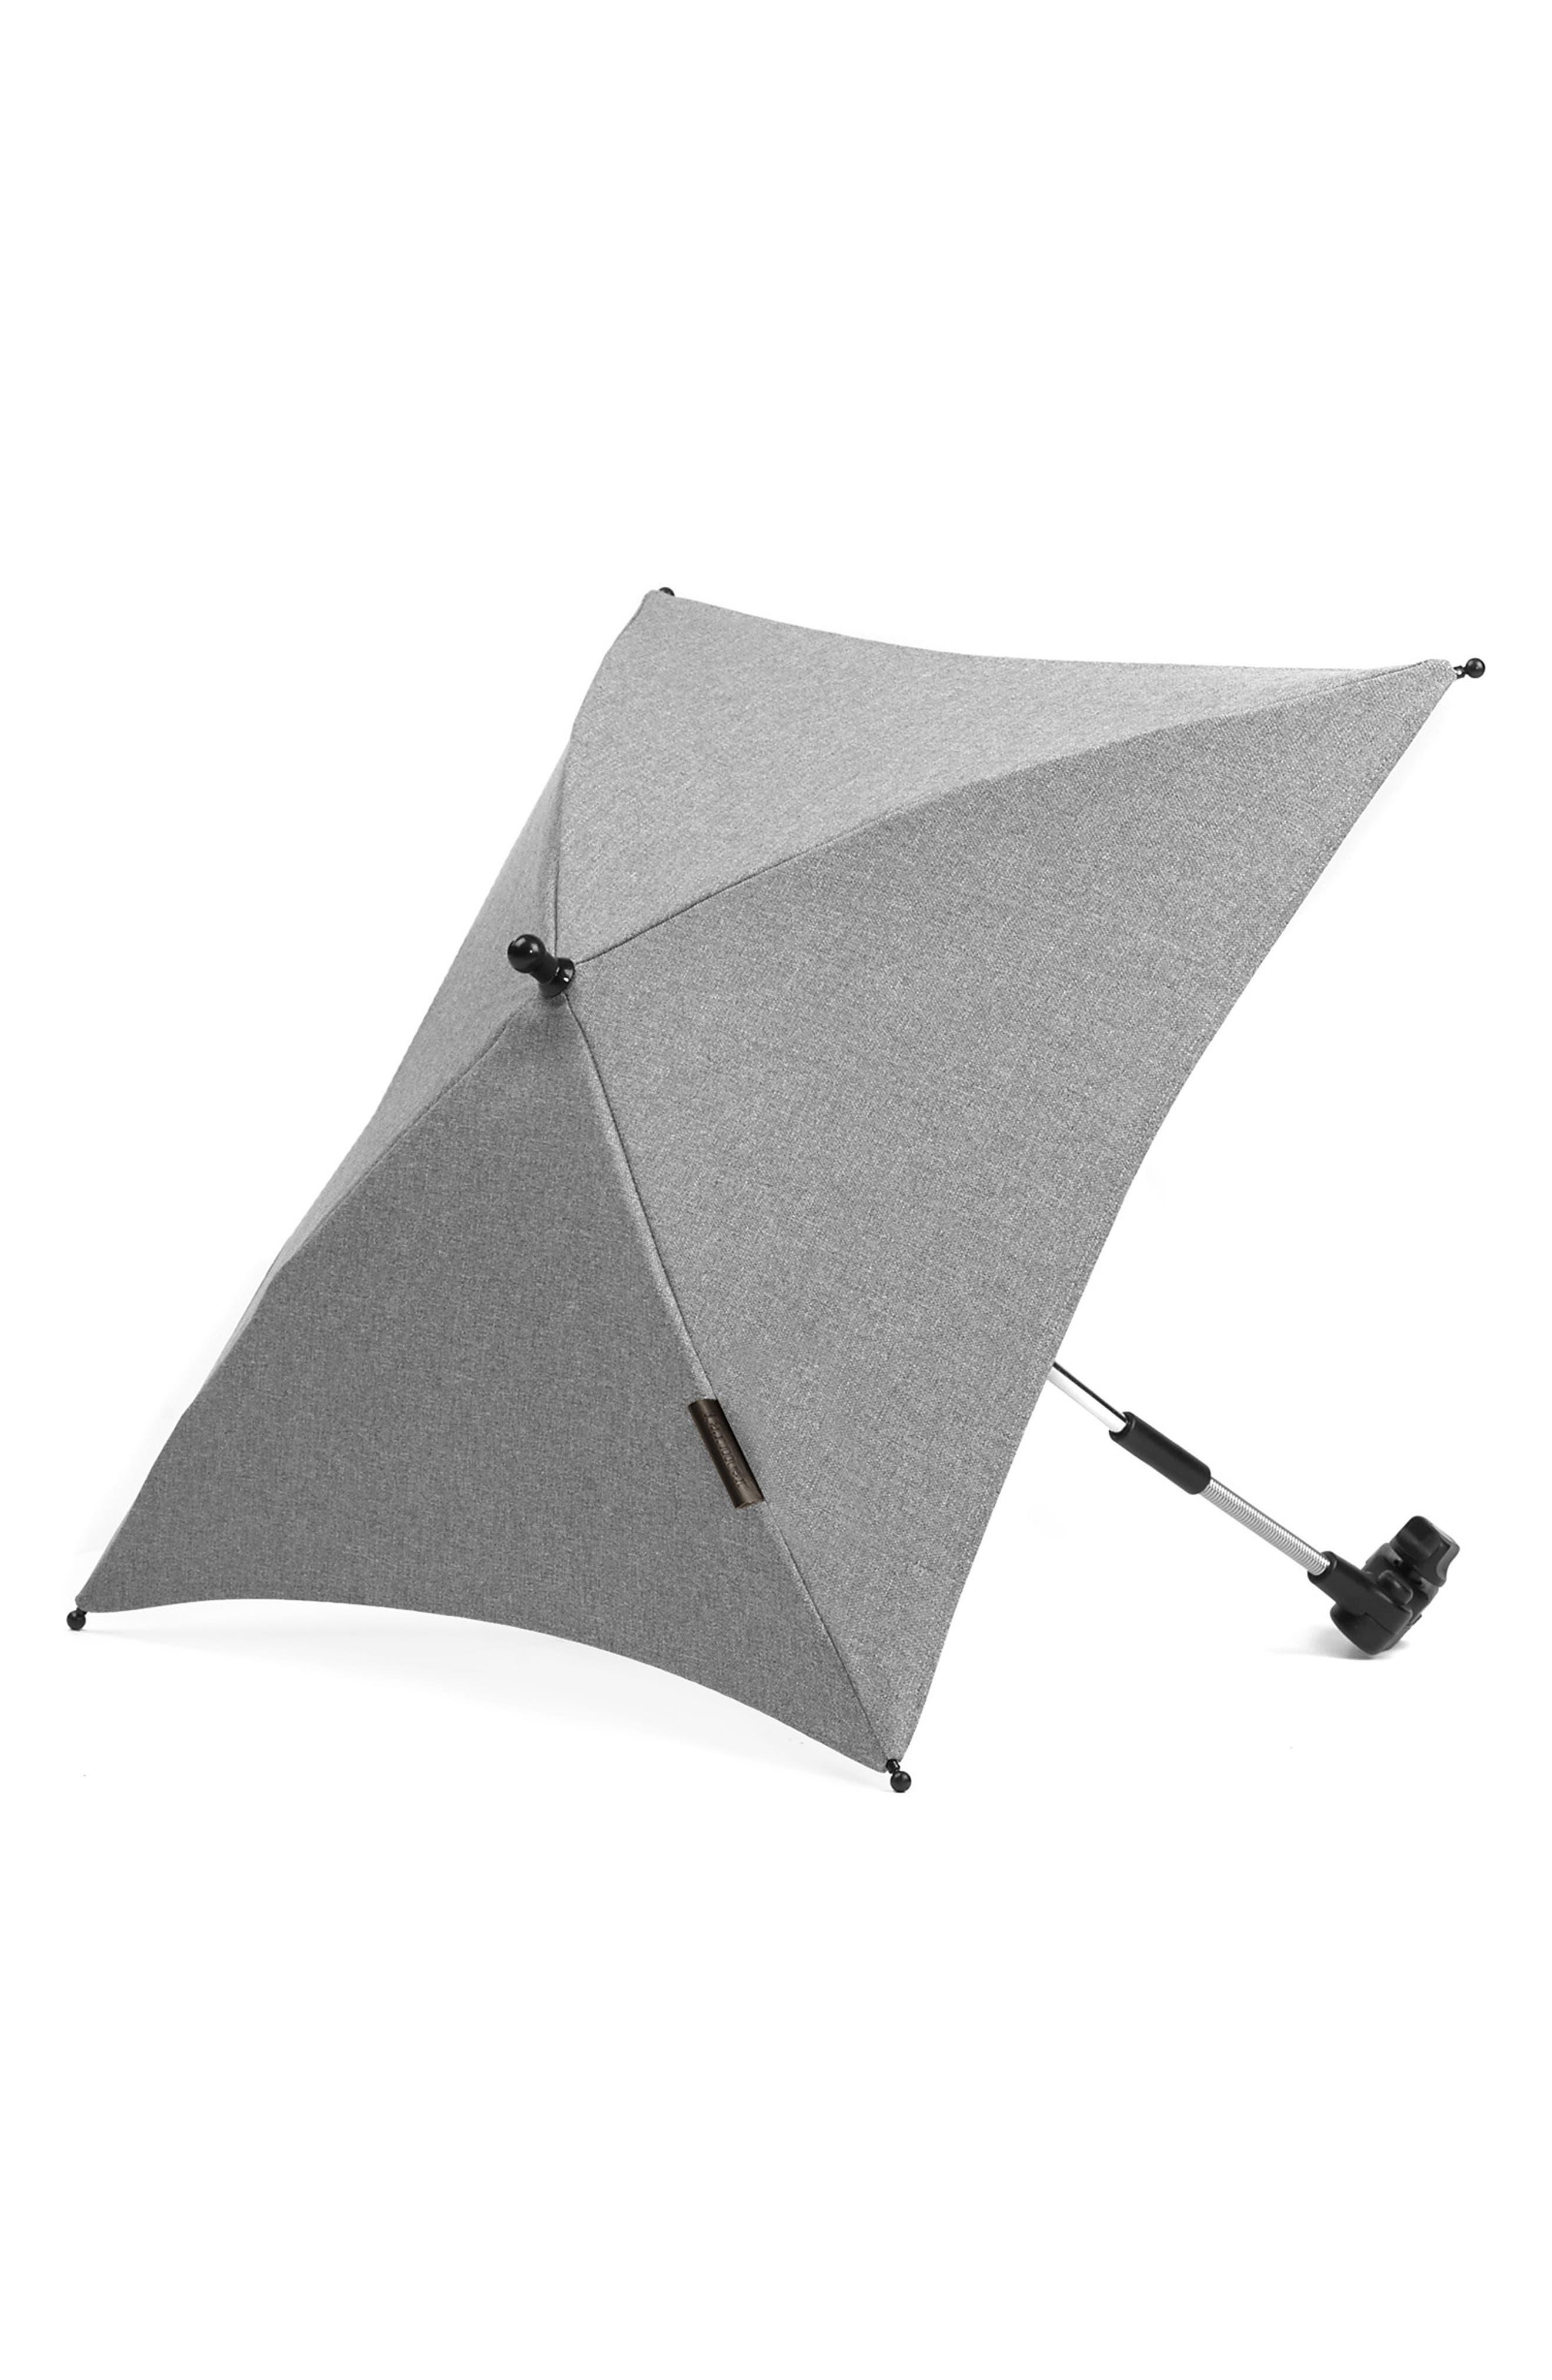 Evo - Farmer Stroller Umbrella,                             Main thumbnail 1, color,                             Light Grey